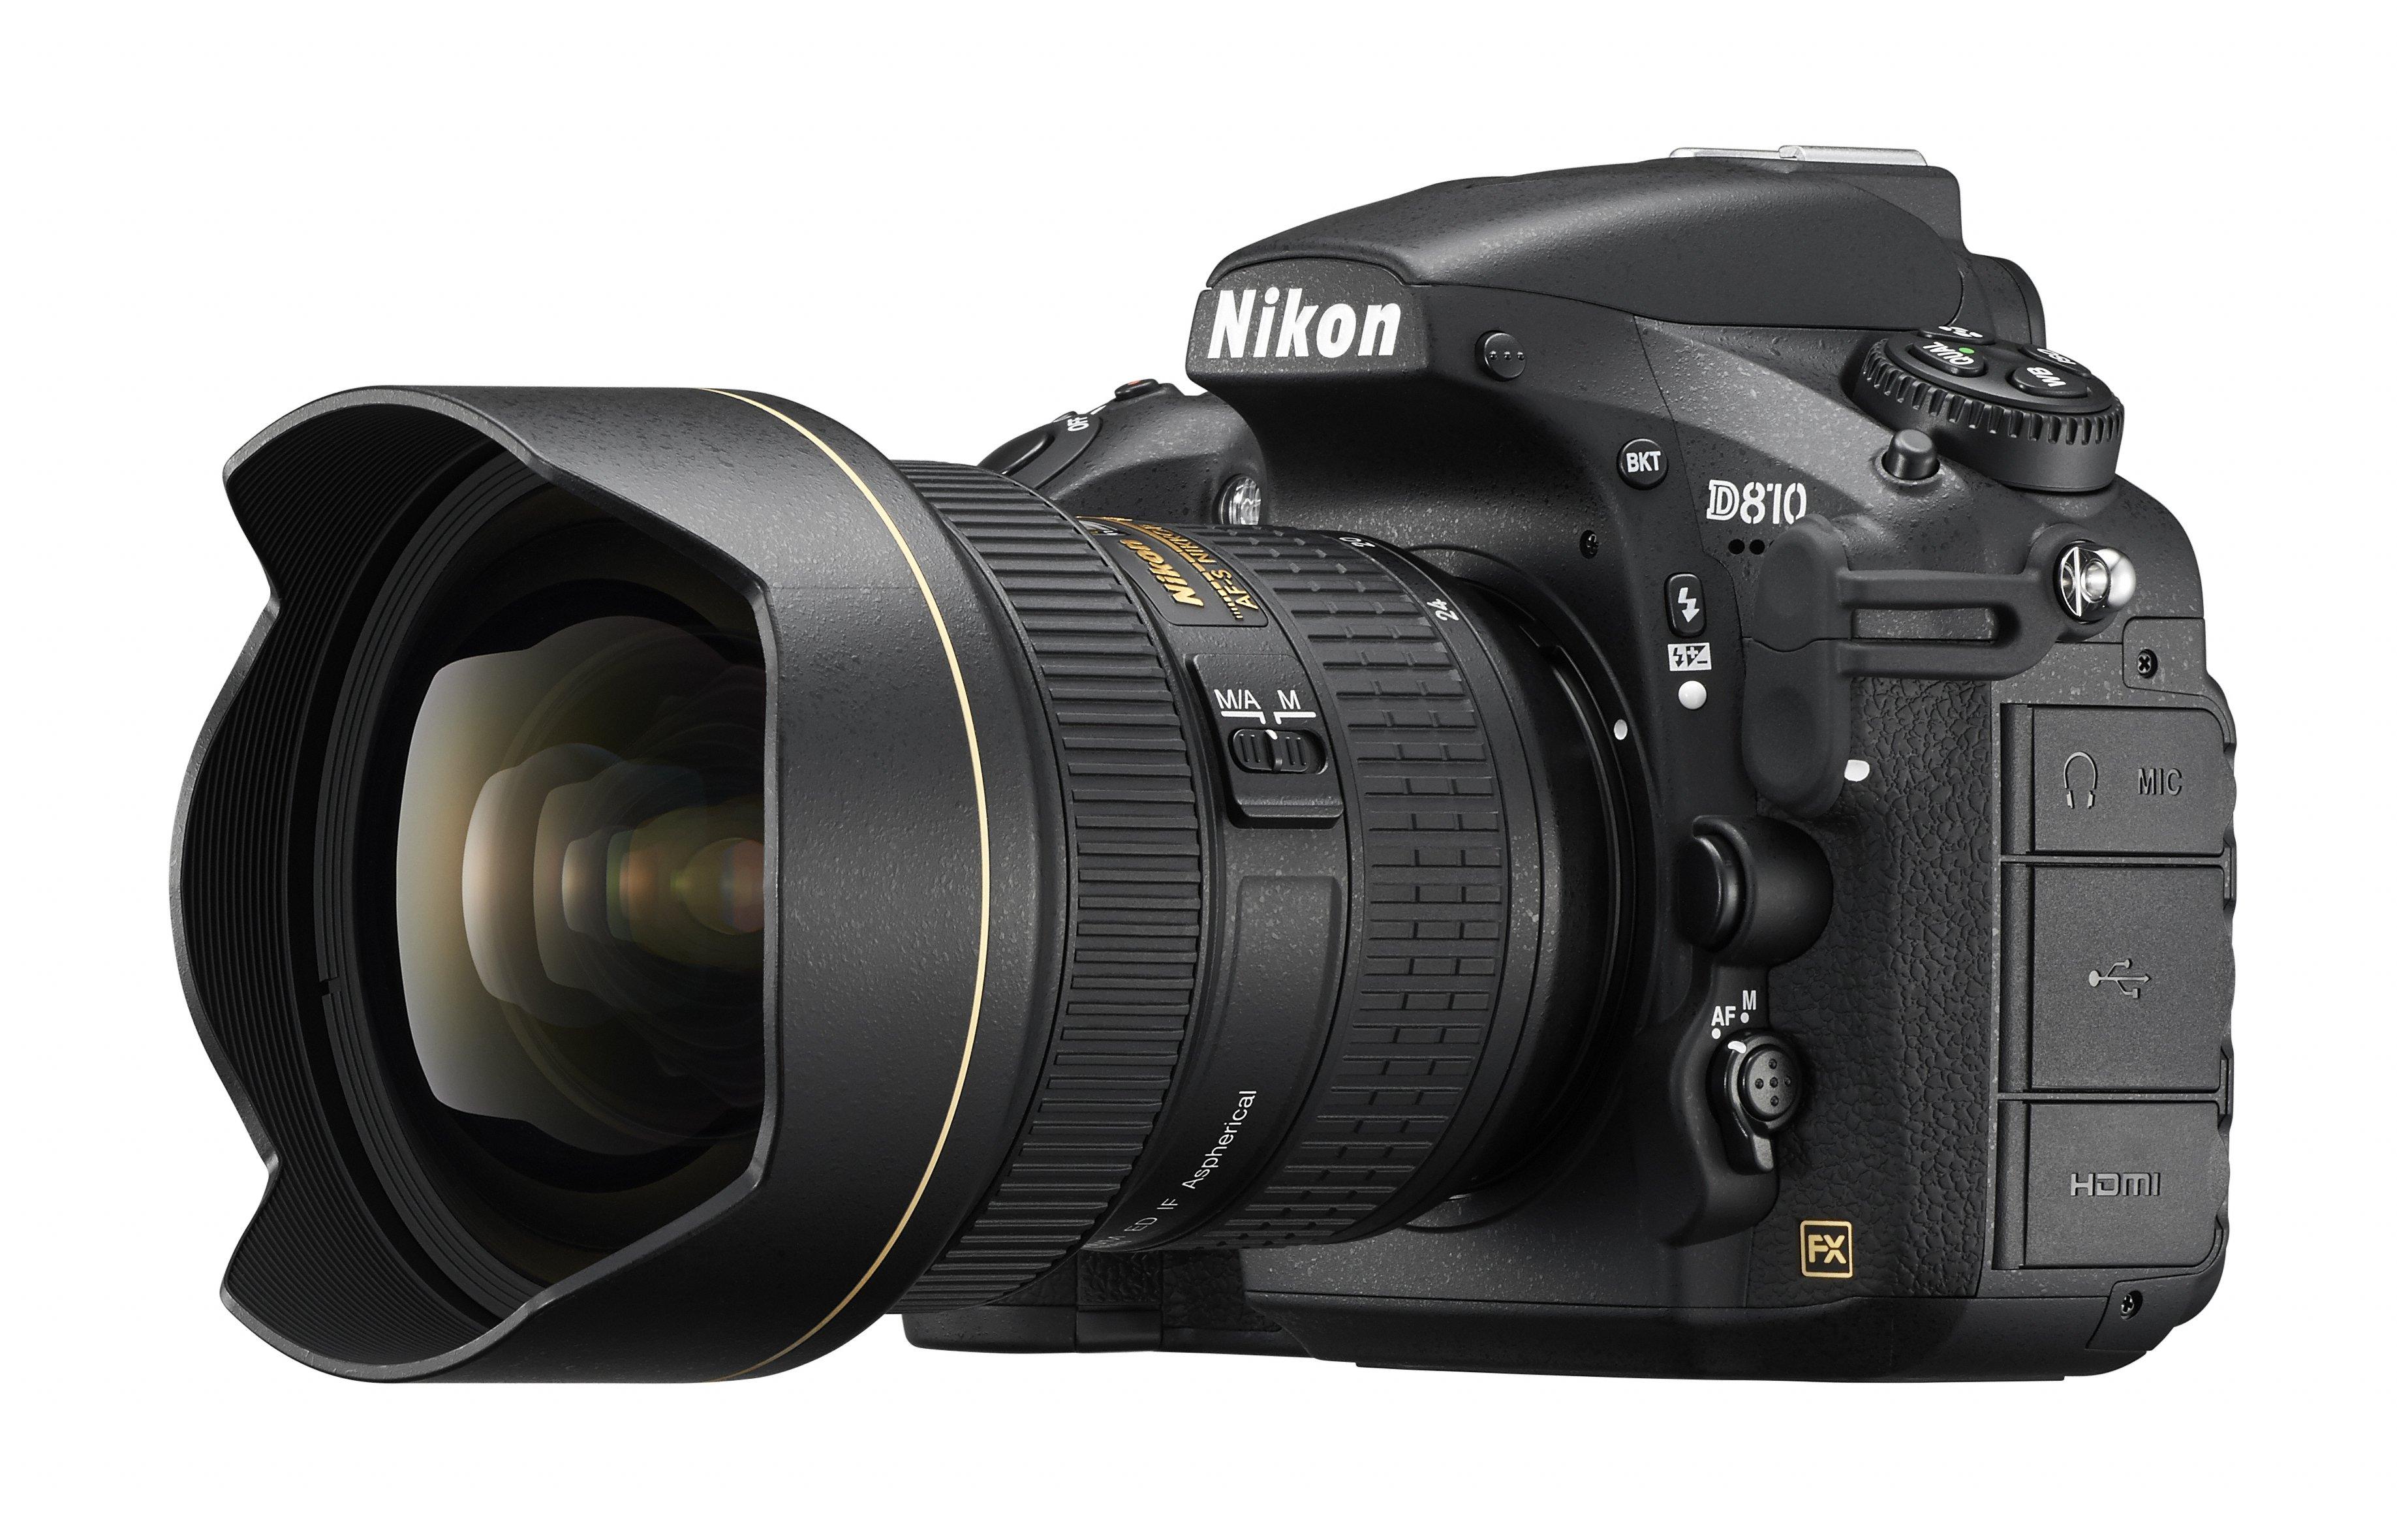 appareil photo nikon professionnel